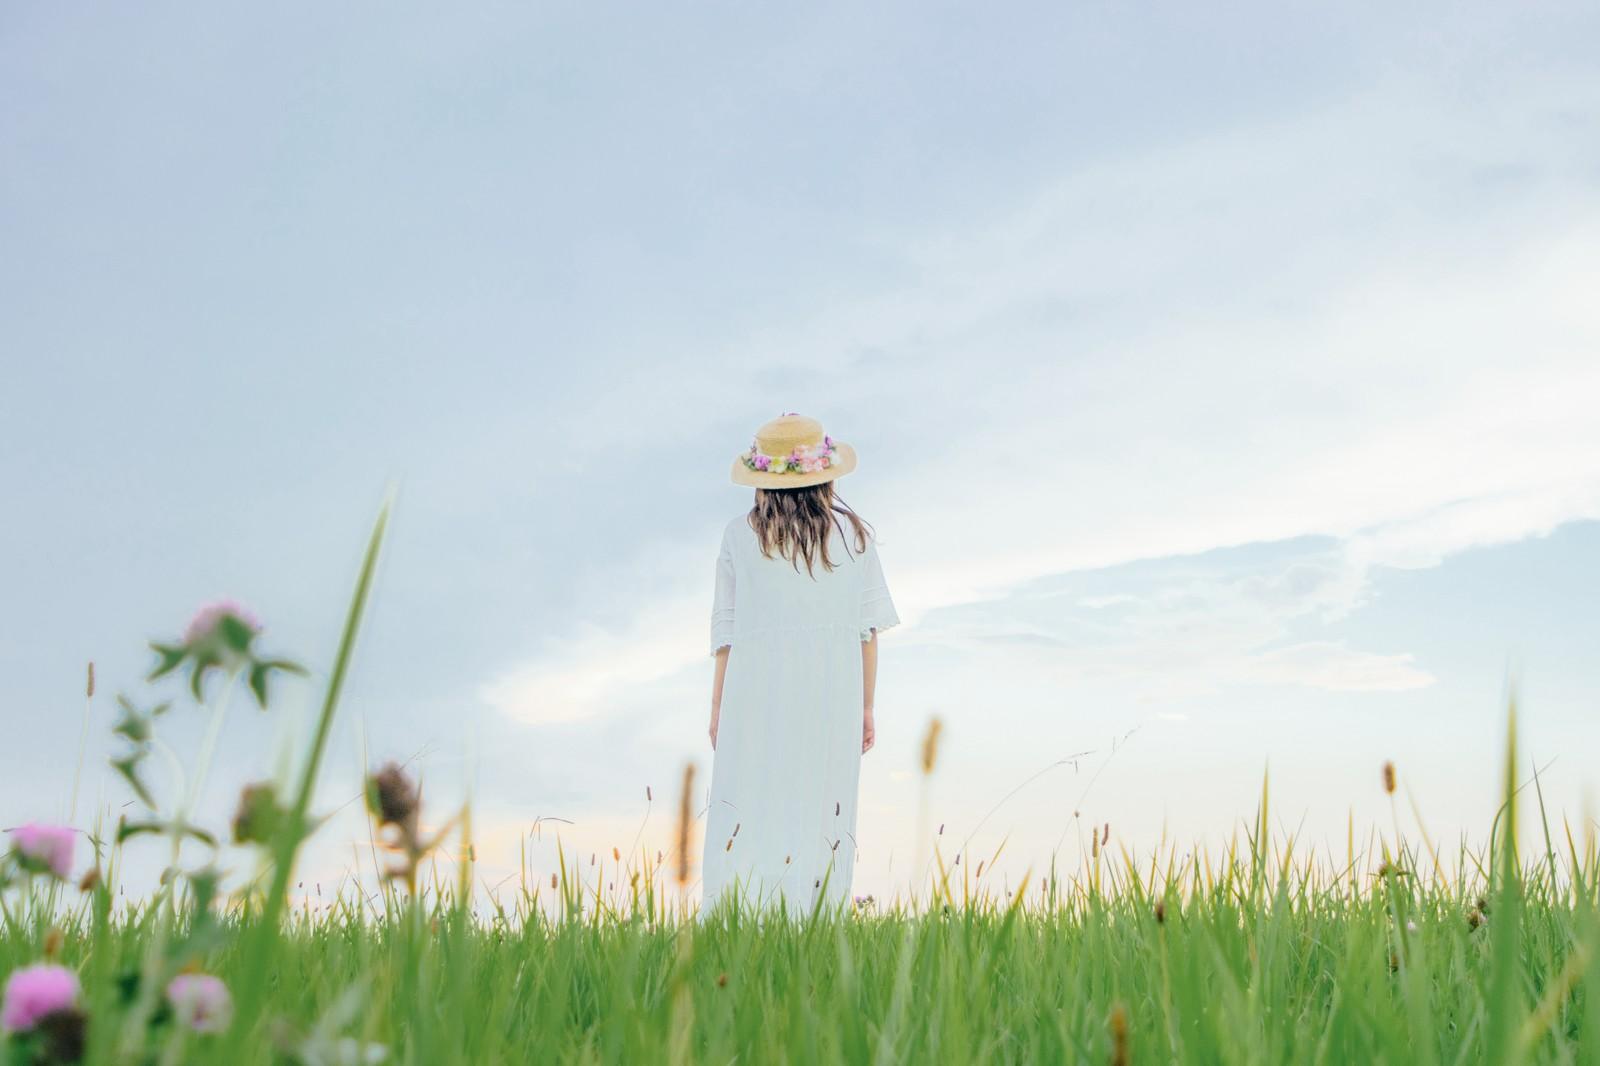 占いに依存して芝生の真ん中で途方に暮れている女性の後ろ姿の画像